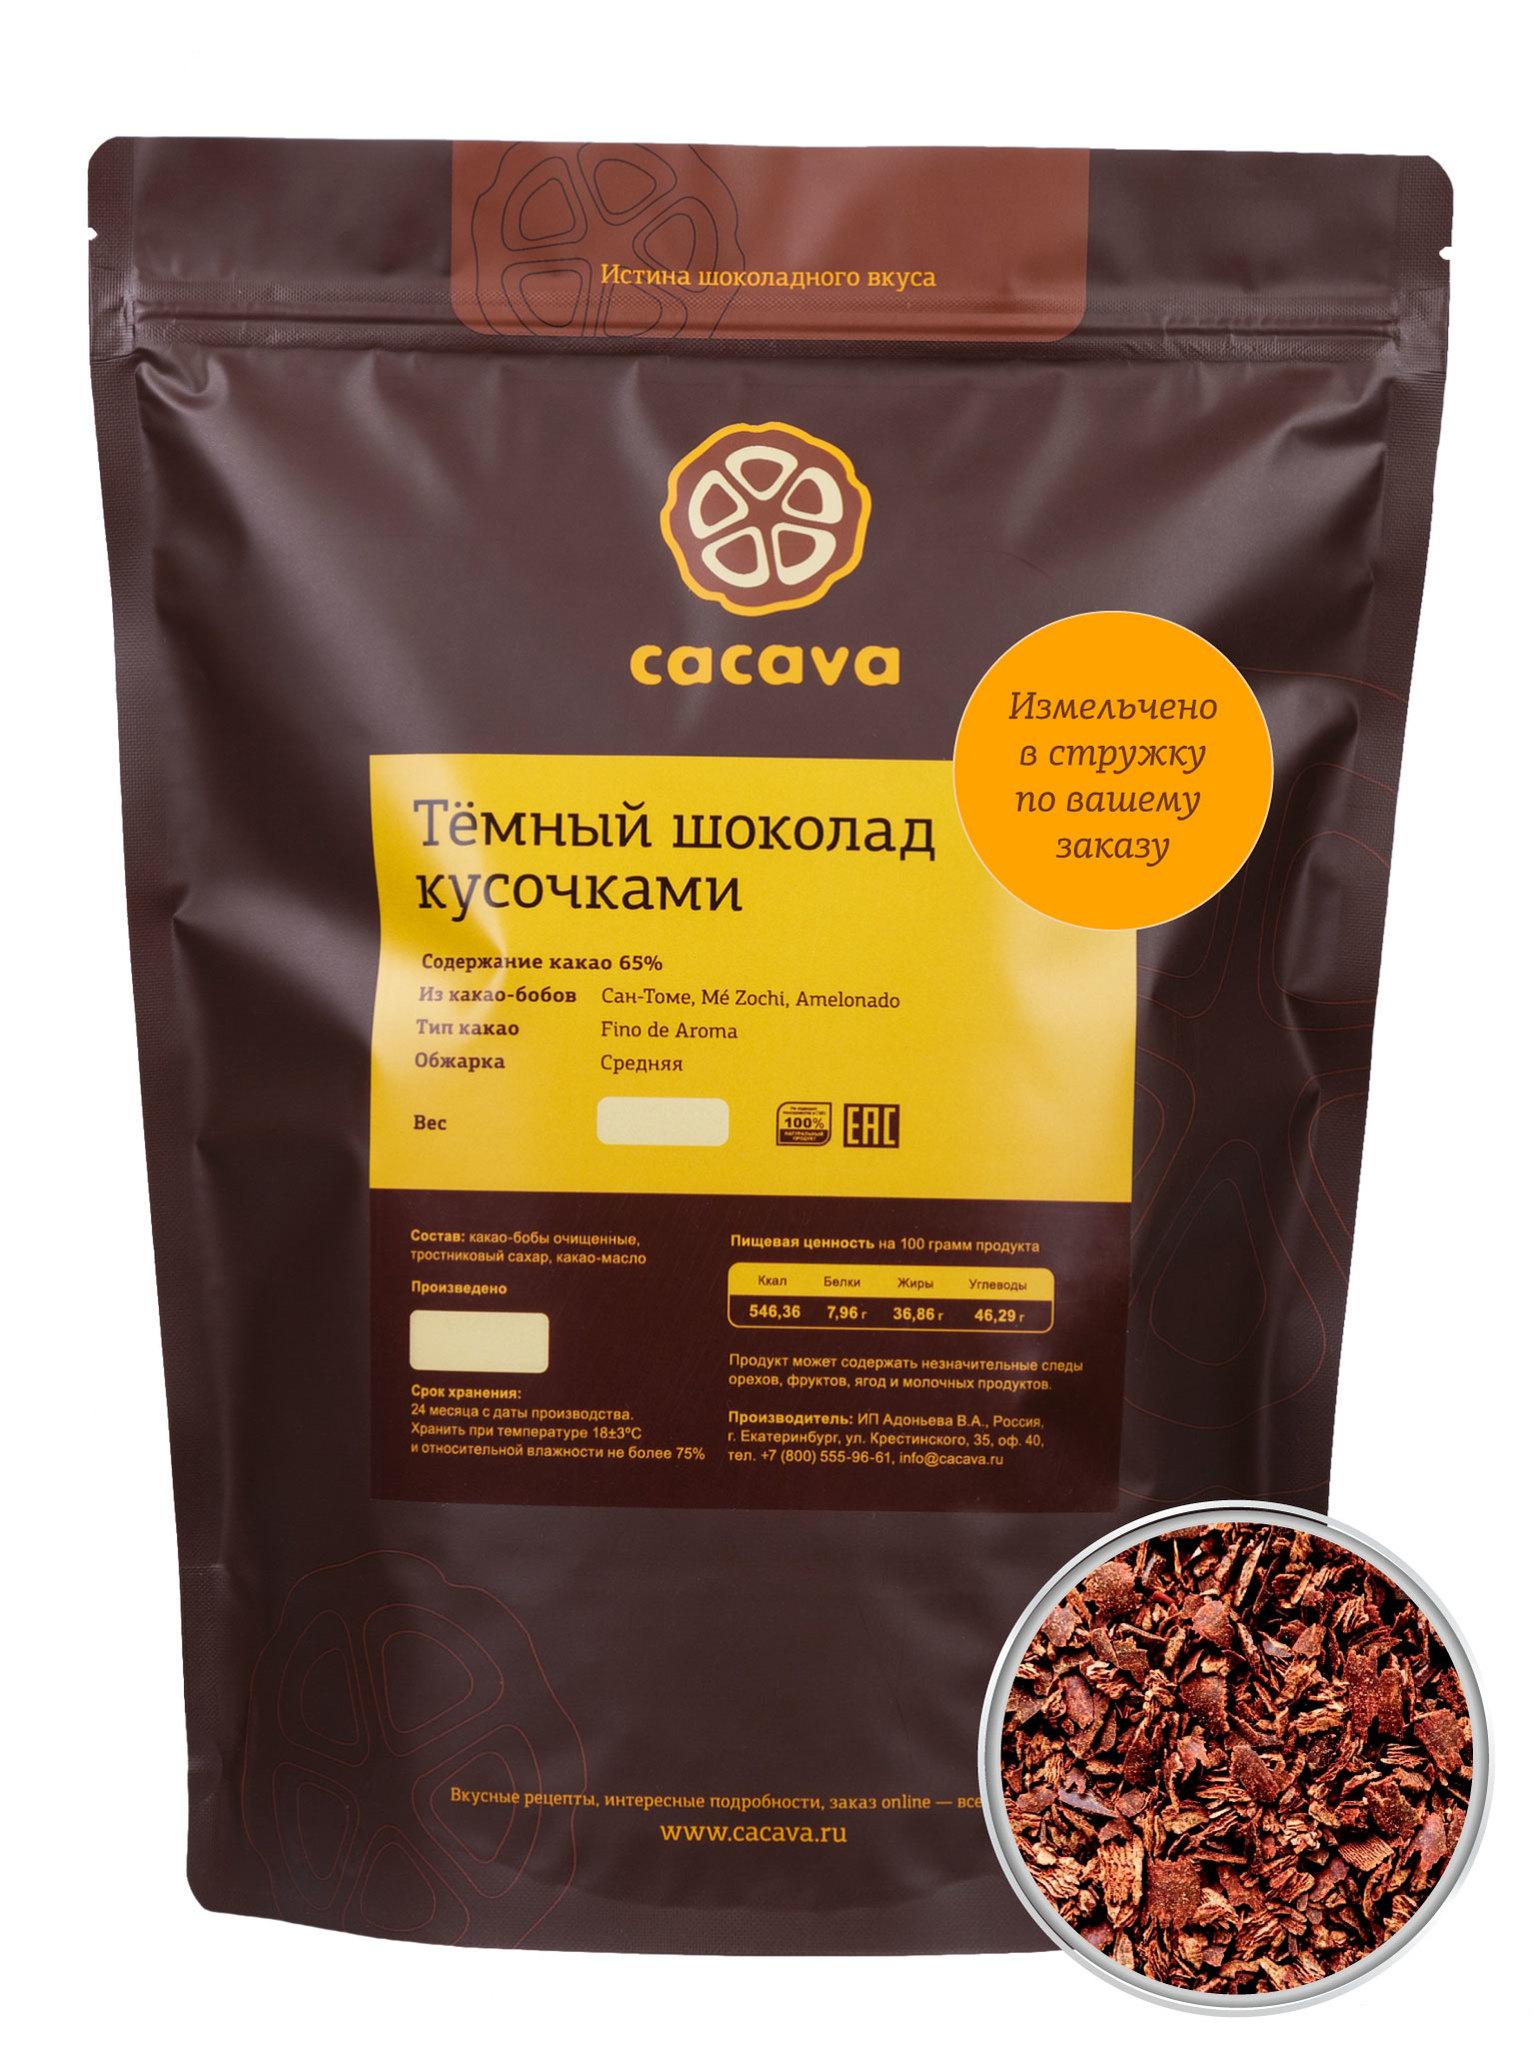 Тёмный шоколад 65 % какао в стружке (Сан-Томе), упаковка 1 кг